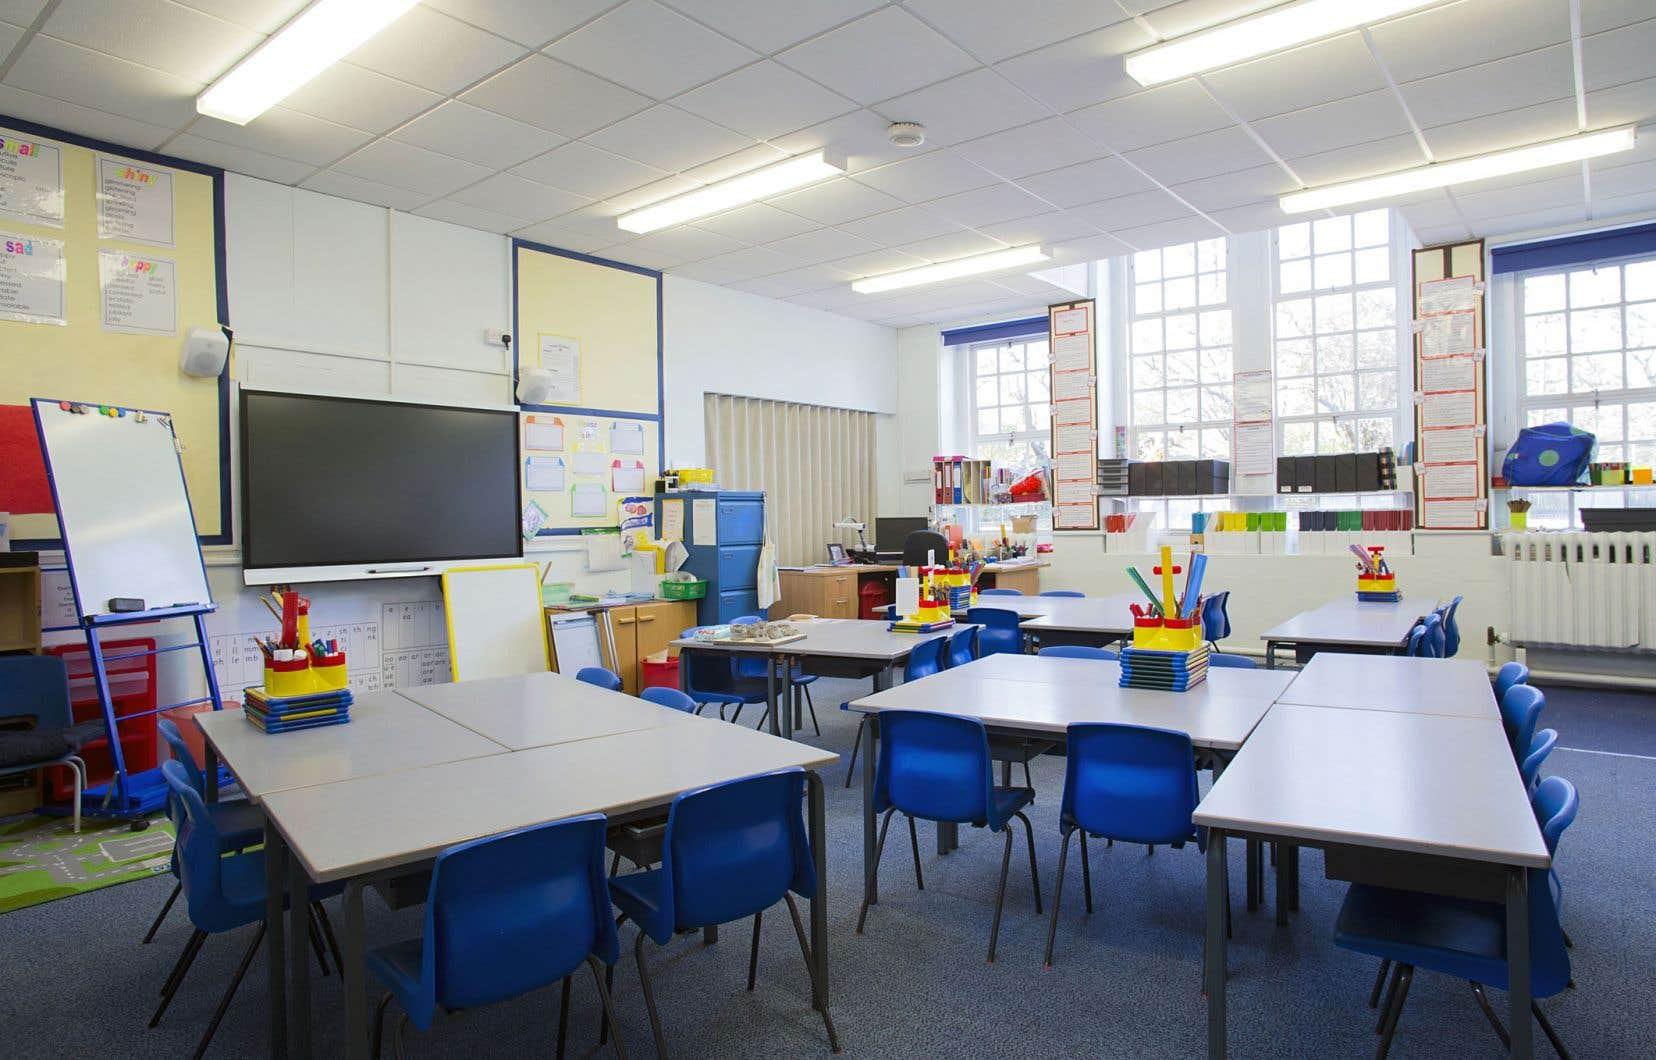 Les postes à pourvoir sont surtout ceux consacrés aux classes d'accueil, c'est-à-dire les classes de francisation, ainsi que les classes préscolaires, à cause du nombre élevé d'enfants de quatre et cinqans.